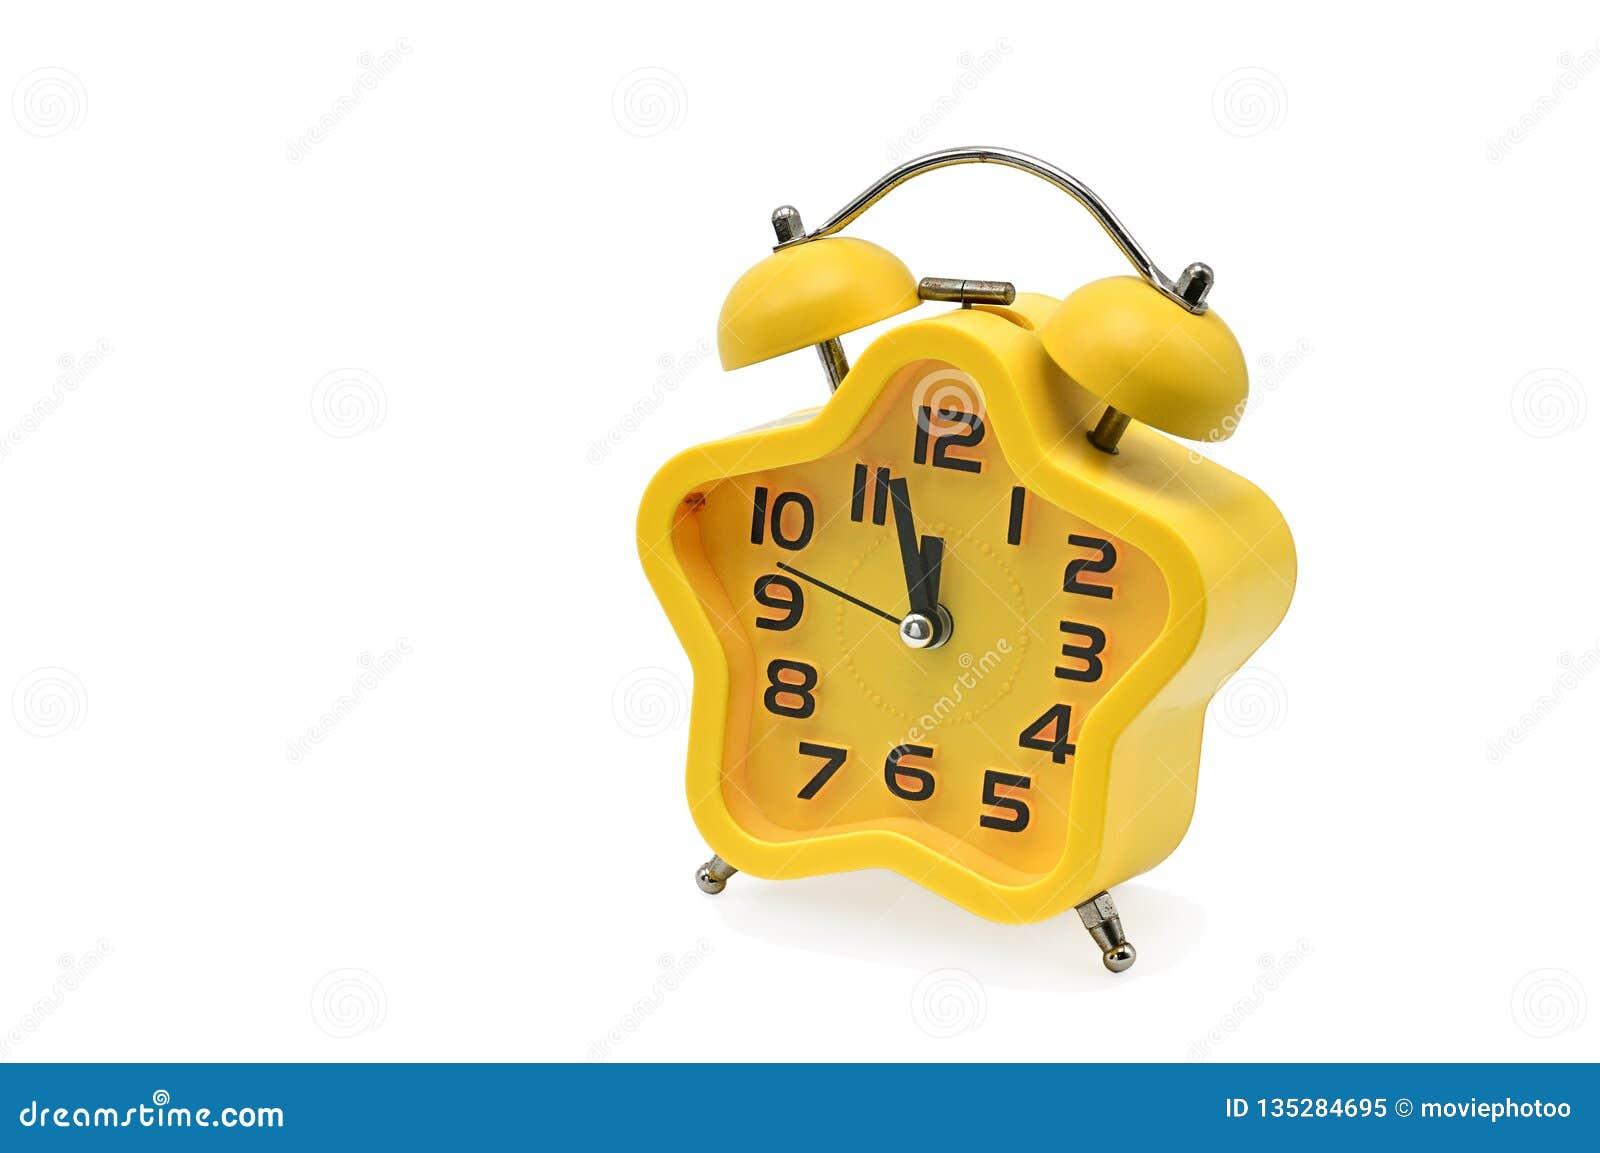 Ένα ρολόι Χριστουγέννων αστερίσκων που παρουσιάζει υπόλοιπο χρόνο μέχρι τα μεσάνυχτα σε ένα άσπρο υπόβαθρο κίτρινος Ρολόι δώδεκα